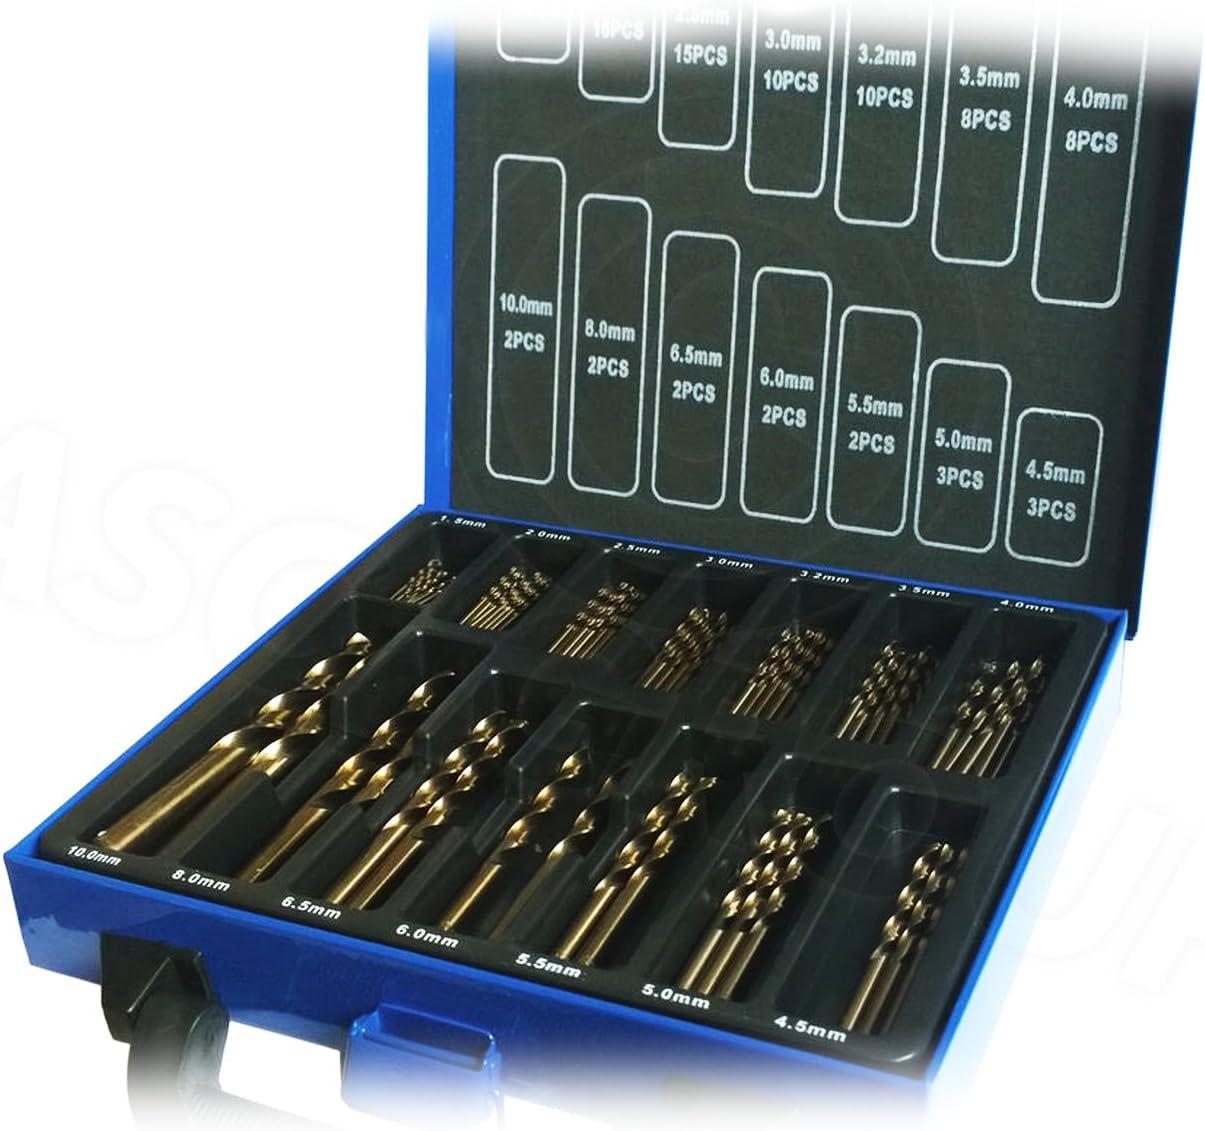 99pc Broca de Cobalto Set ( Hss-Co/Inox ) HSS Metal - Diseñado para Acero Inoxidable